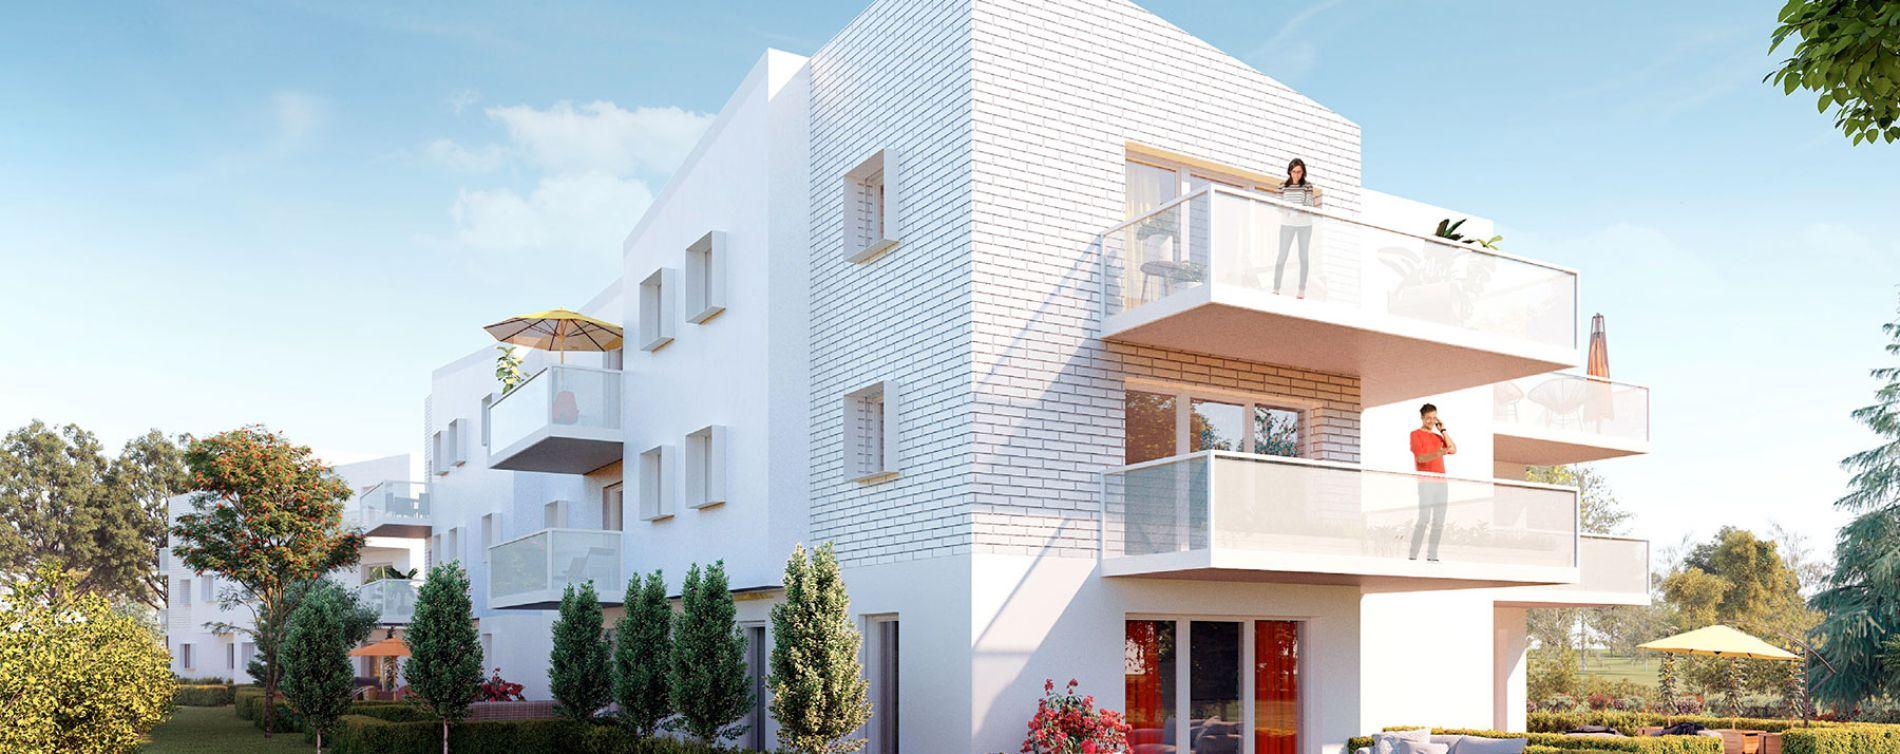 un jardin en ville pessac programme immobilier neuf n 213833. Black Bedroom Furniture Sets. Home Design Ideas